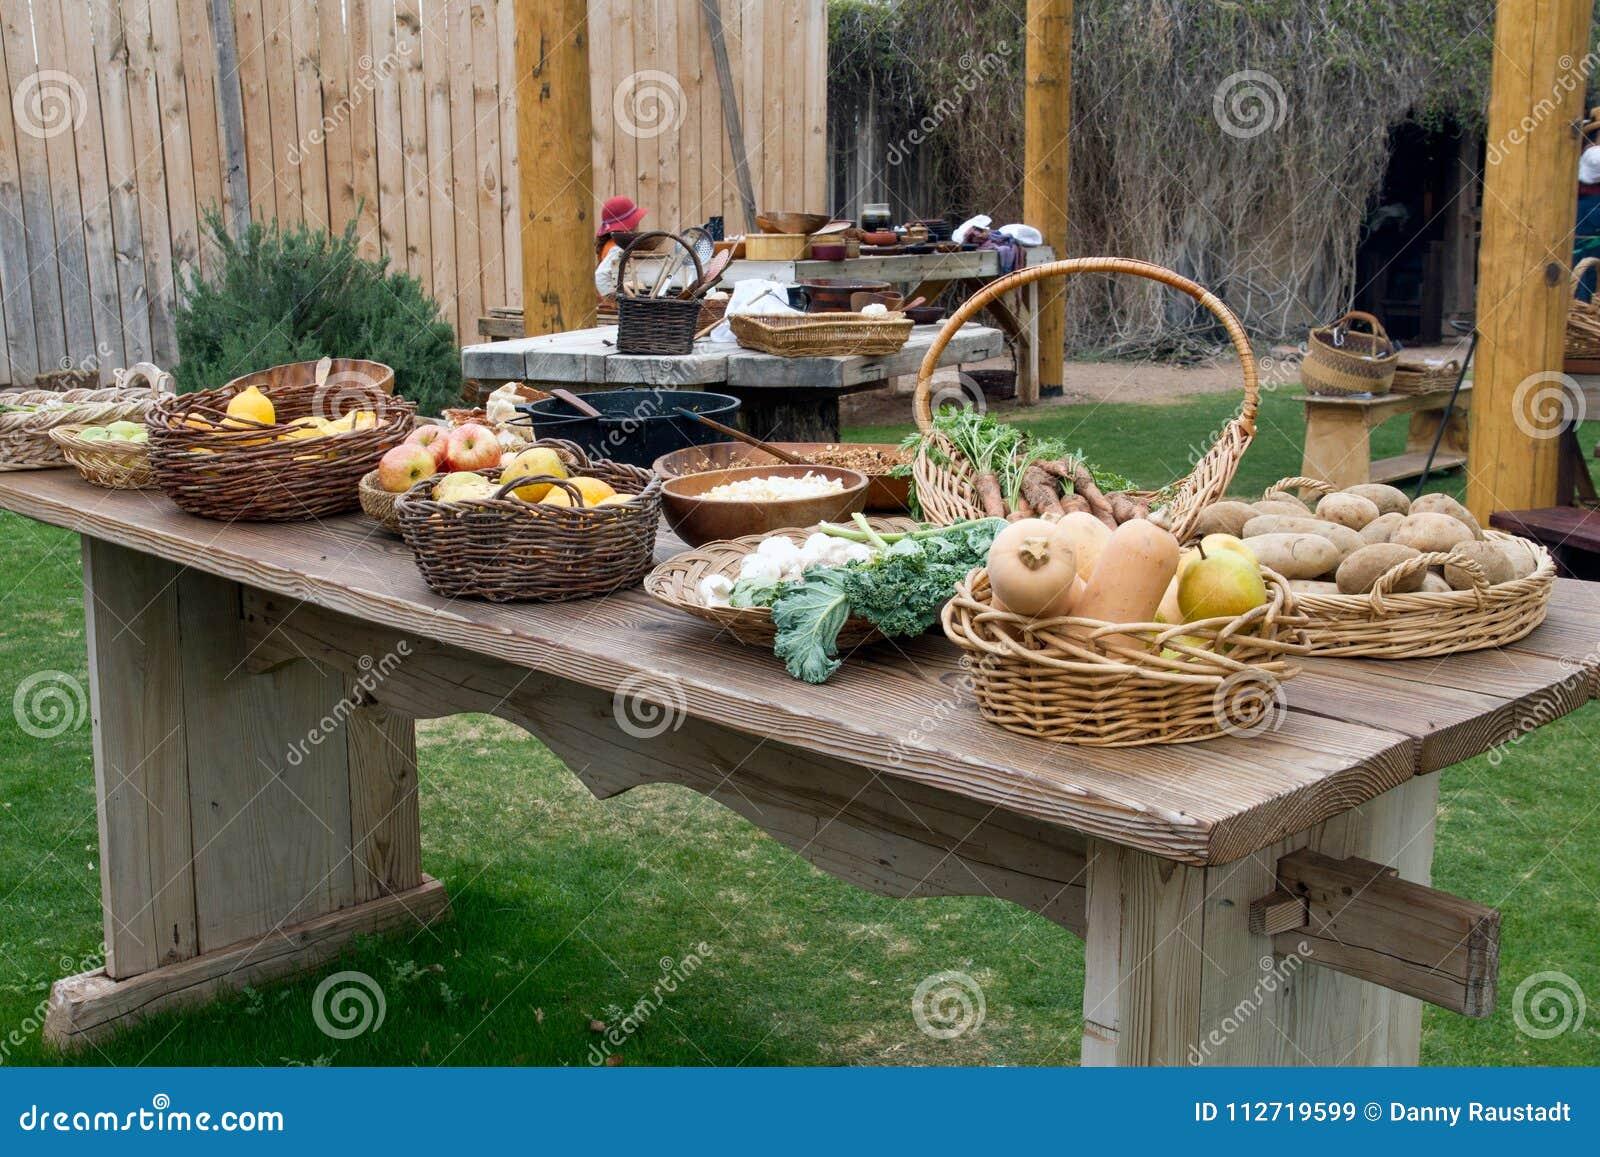 Starego Dzikiego zachodu pioniera Plenerowy Kuchenny stół